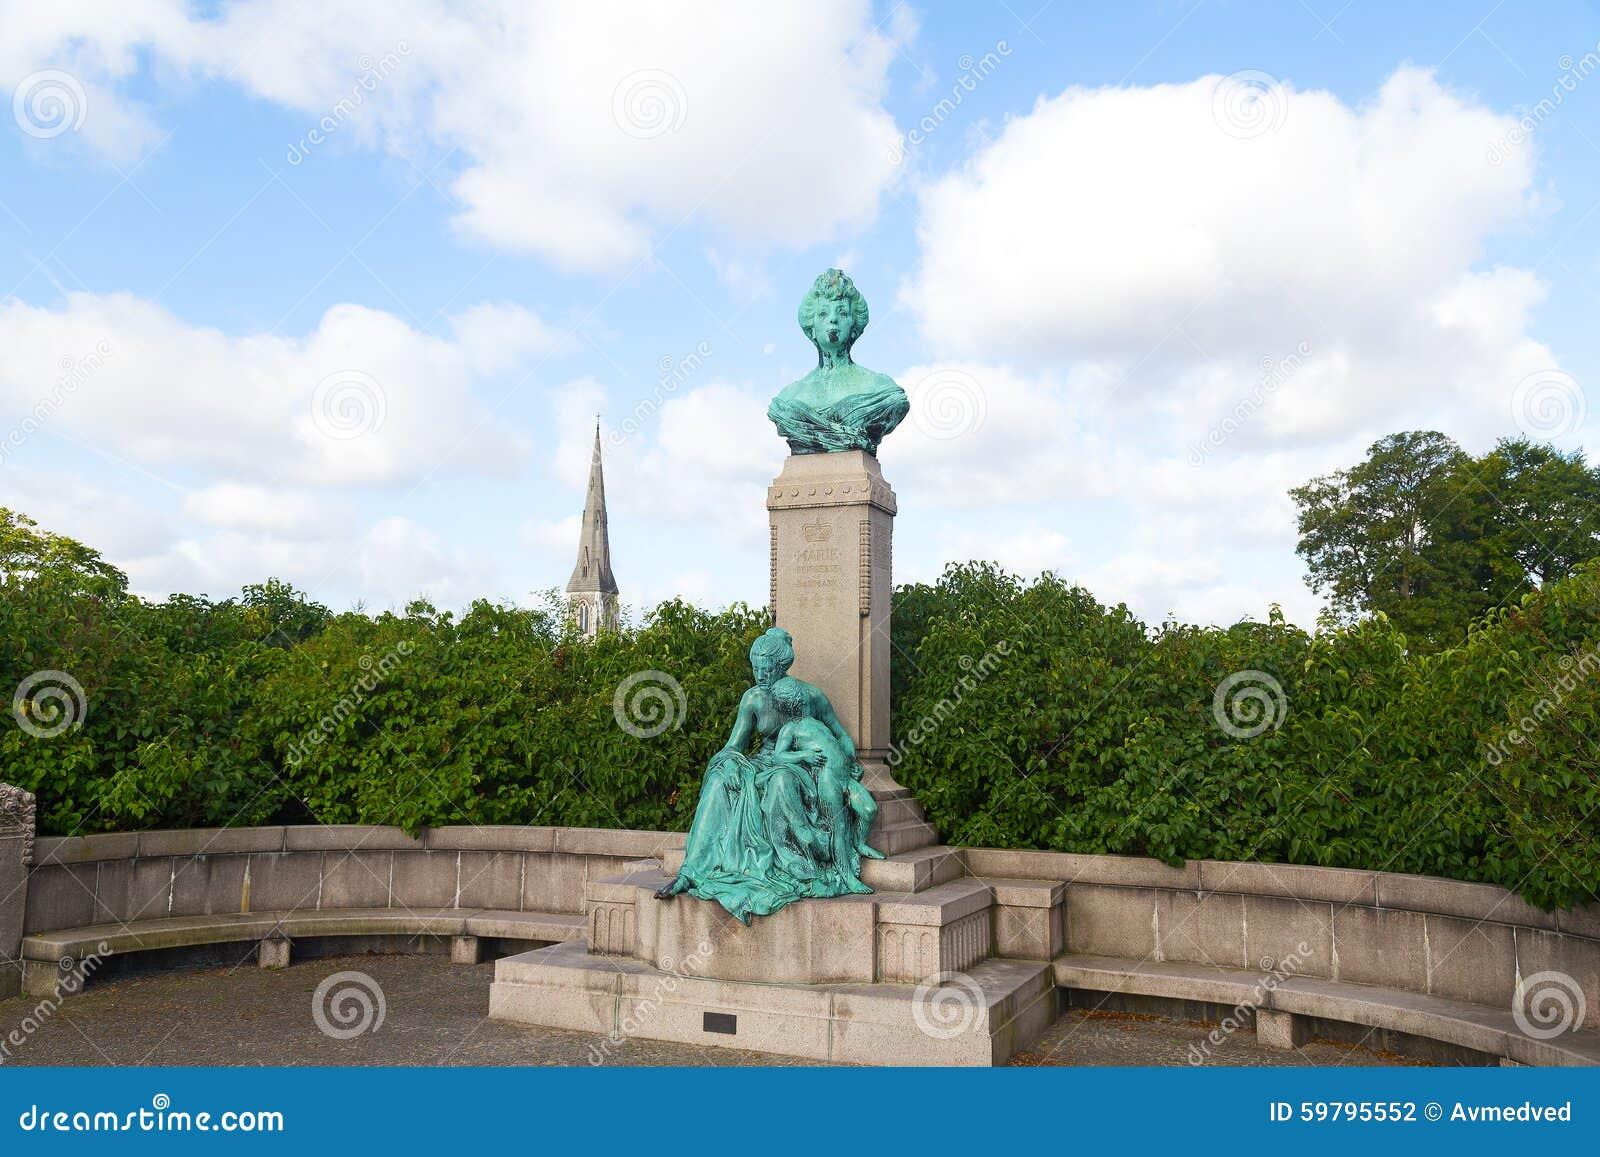 Mislukking en standbeeld van Prinses Marie van Orléans in Langelinie, Kopenhagen